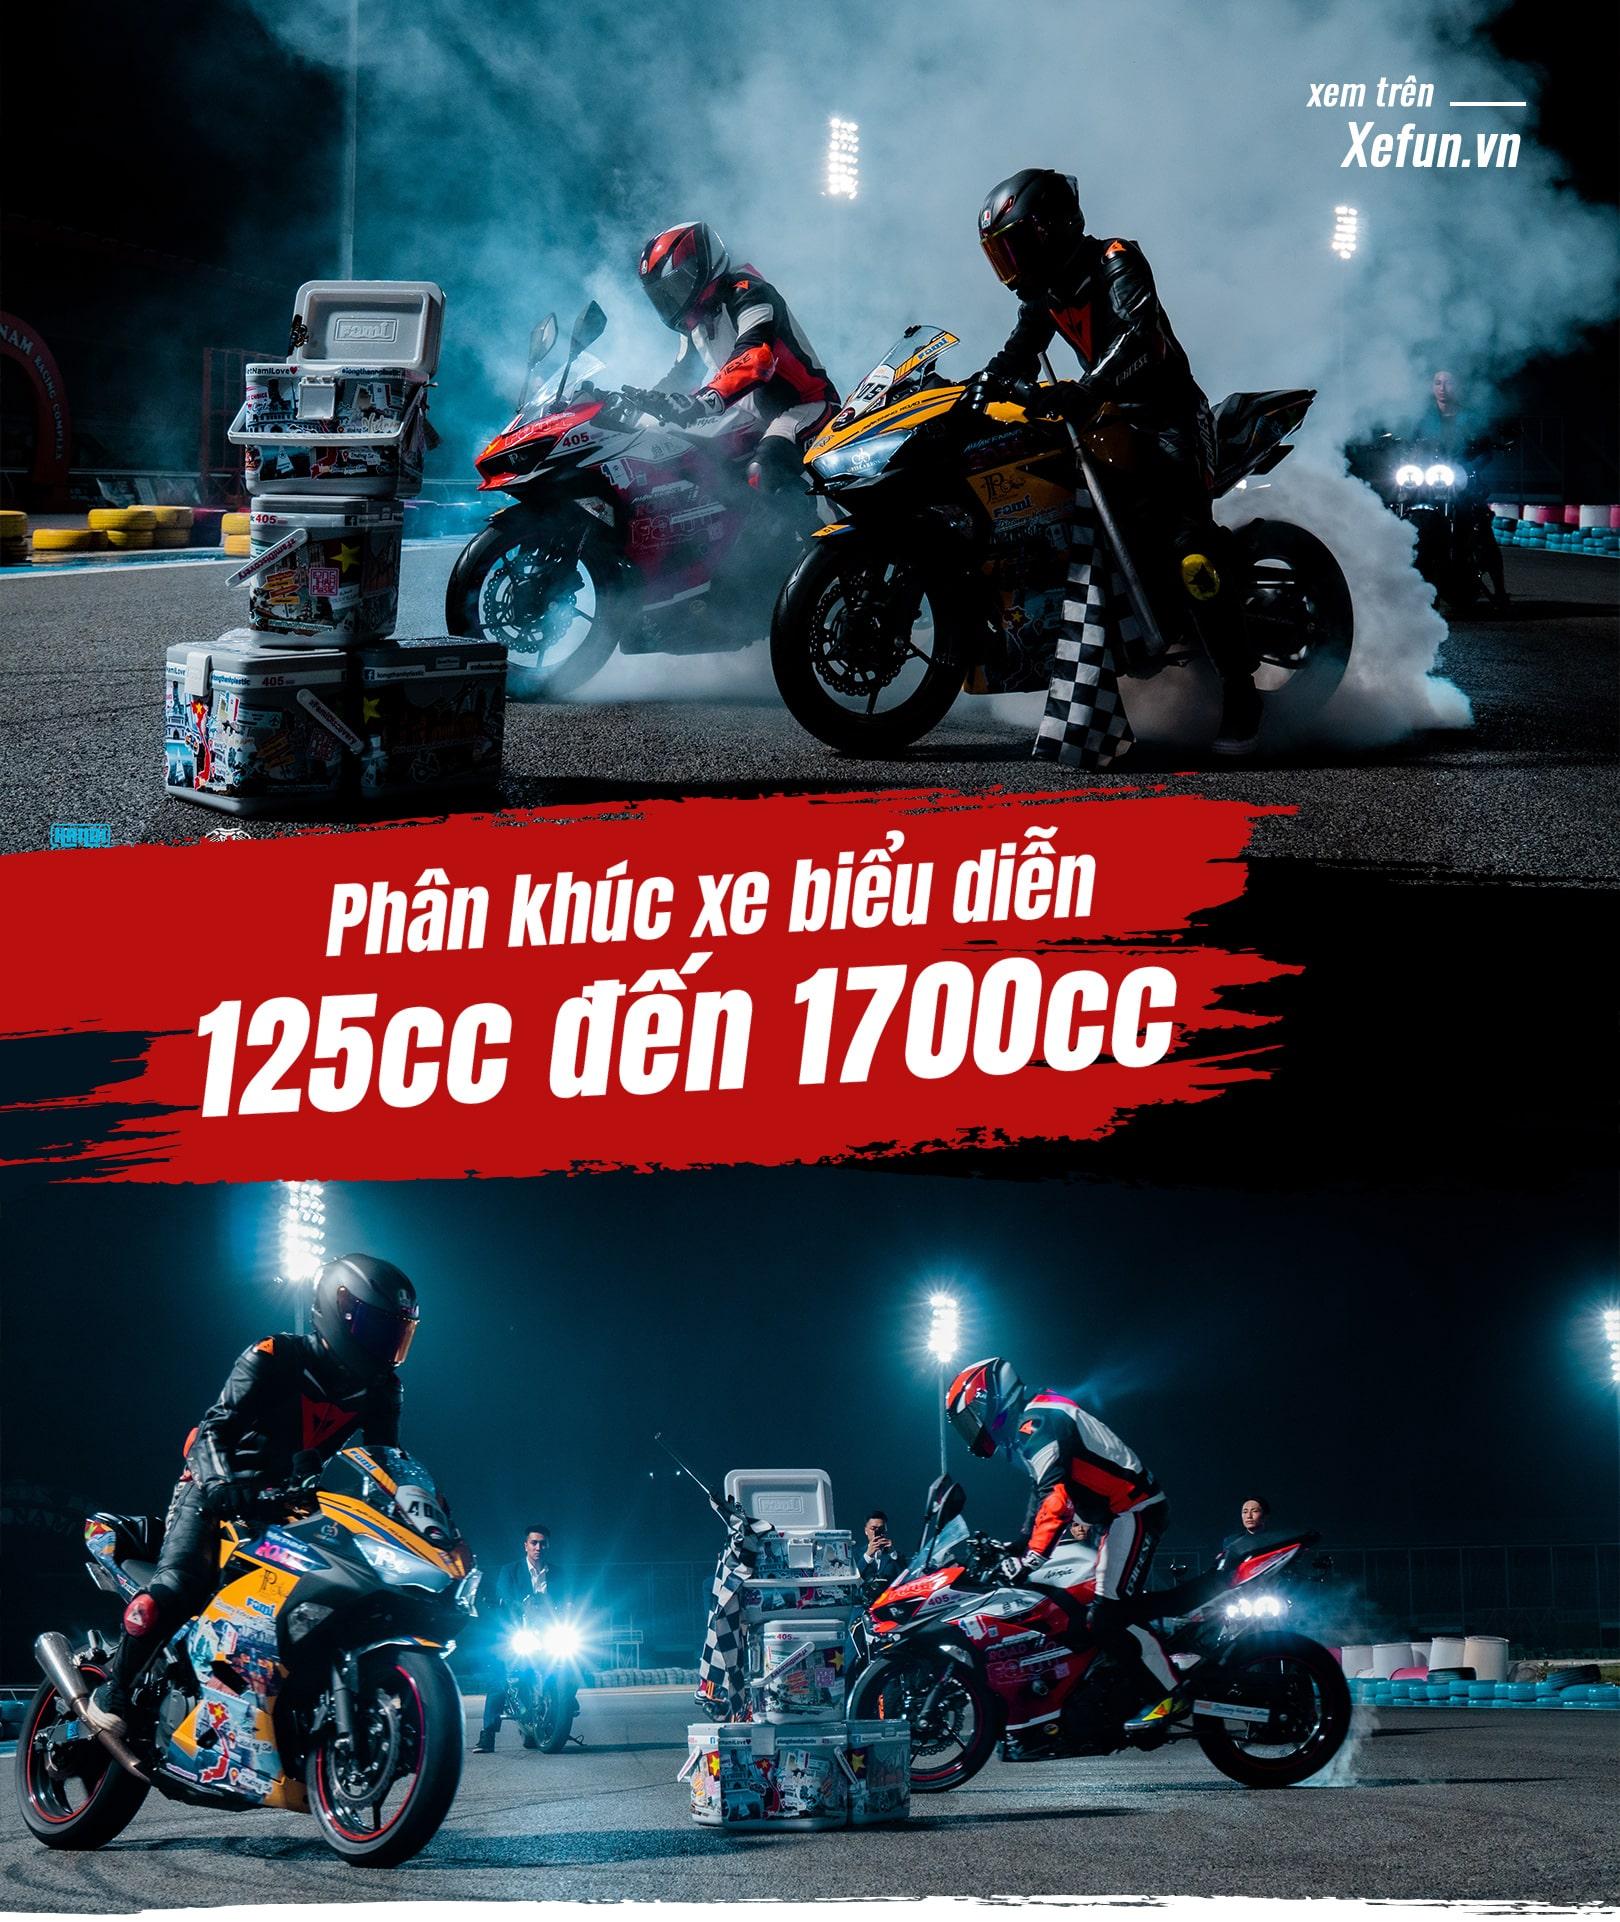 Hanoi Stunt Riders biểu diễn Trường đua Đại Nam giải đua Awakening road trên Xefun - 8546